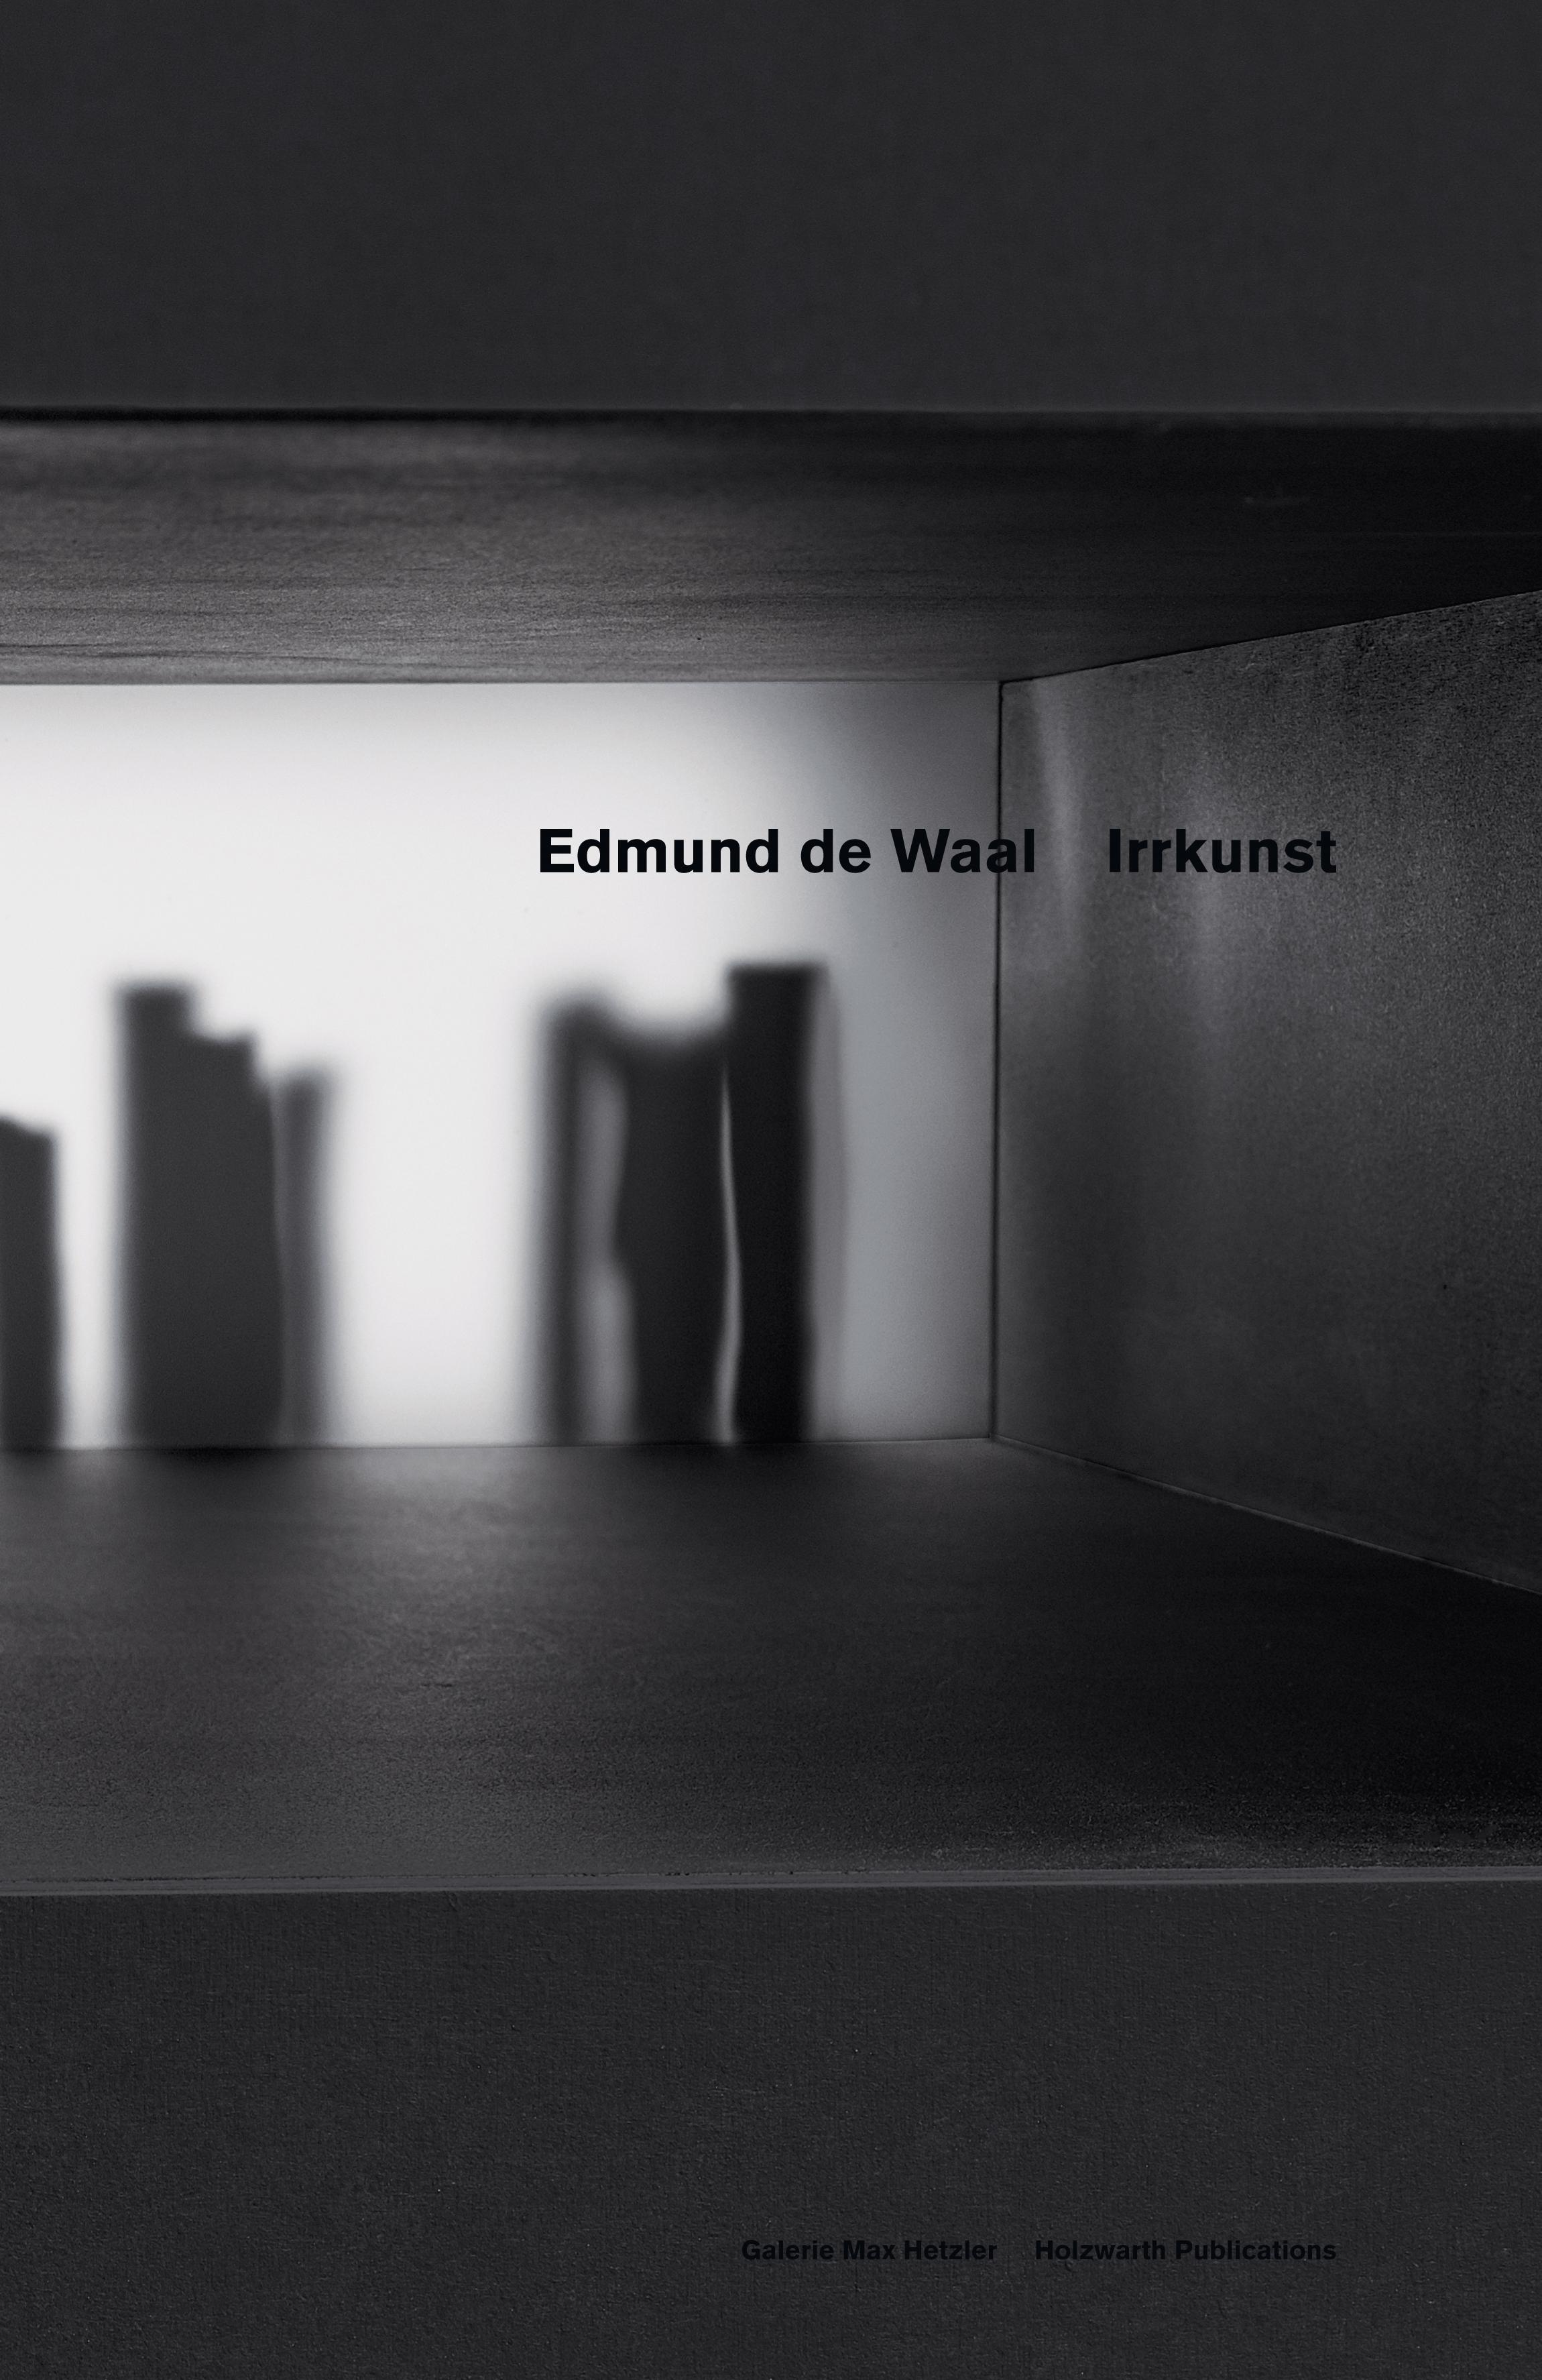 Edmund de Waal: Irrkunst - Galerie Max Hetzler